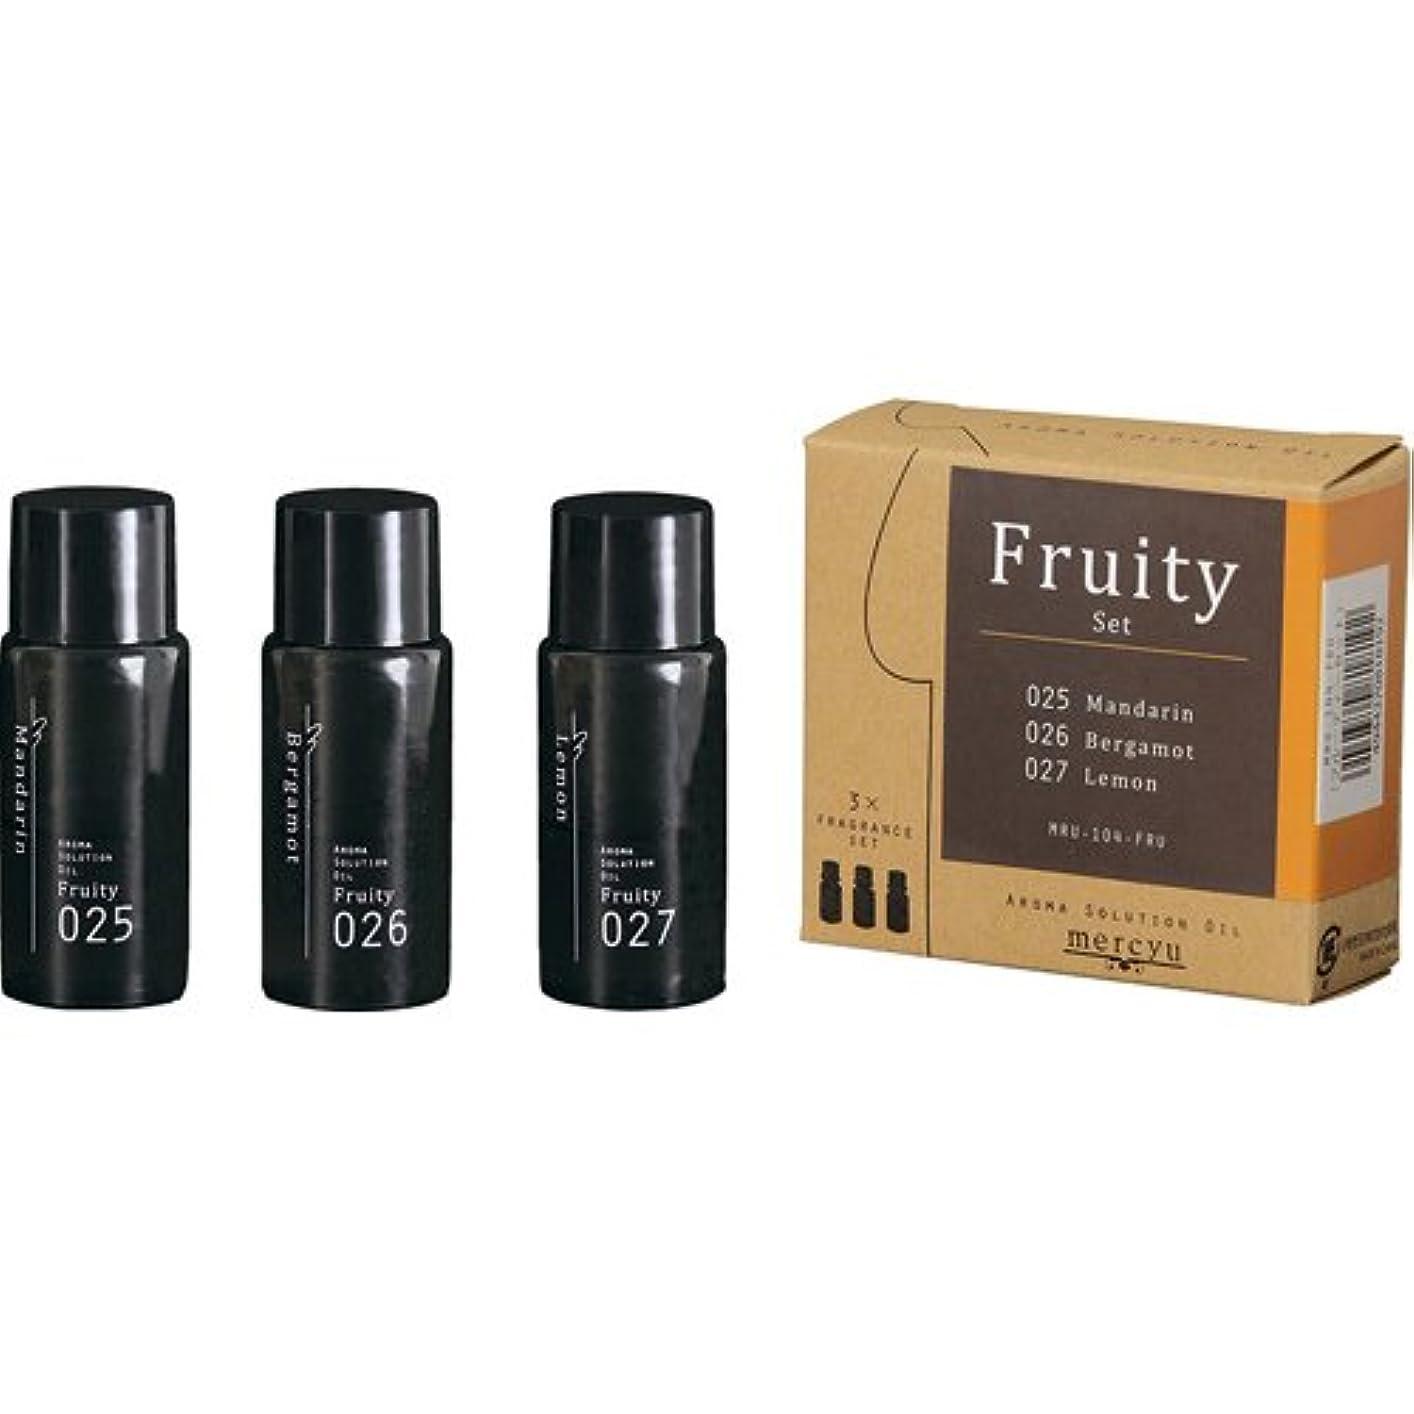 ウィスキー締め切り不幸アロマ ソリューション オイル Fruity (025ベルガモット/026レモン/027マンダリン) MRU-104-FRU